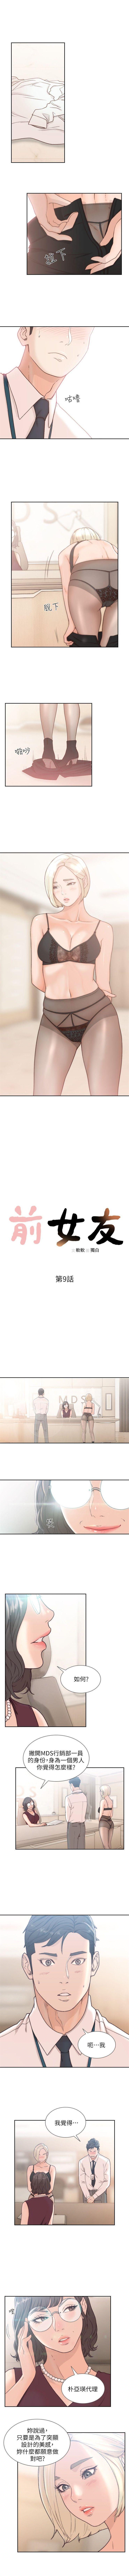 前女友 1-48 中文翻译(更新中) 44